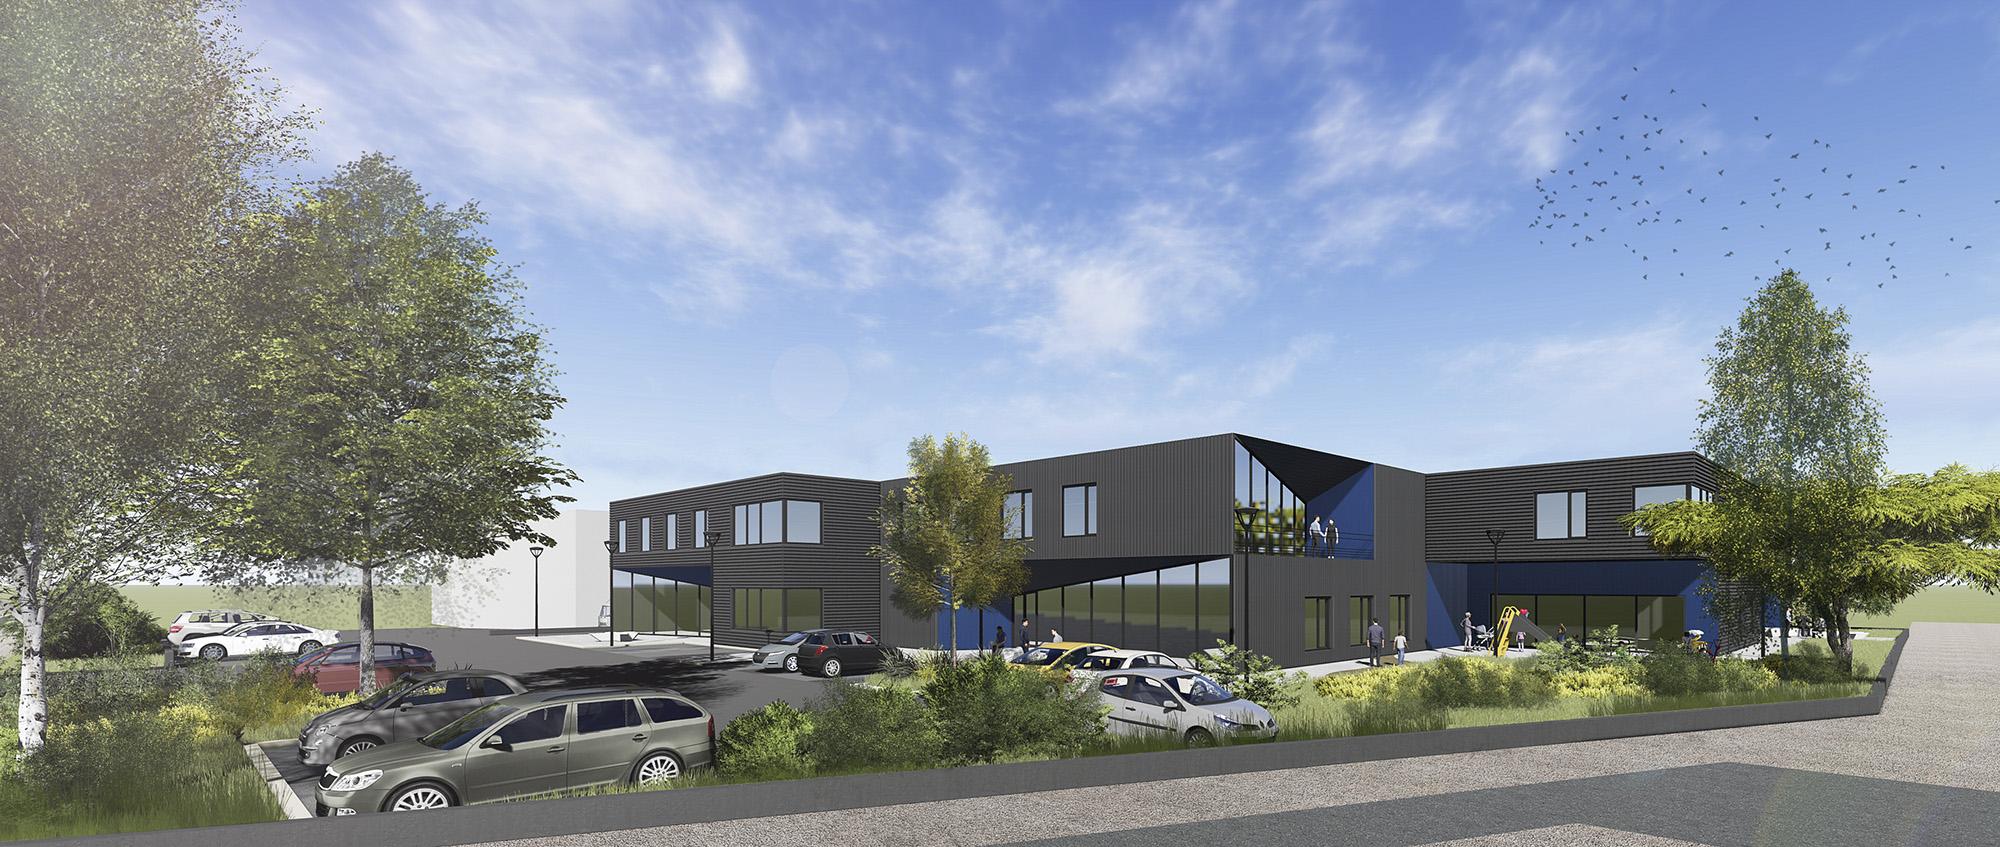 Chouette-architecture-bureaux-dijon-2000-2